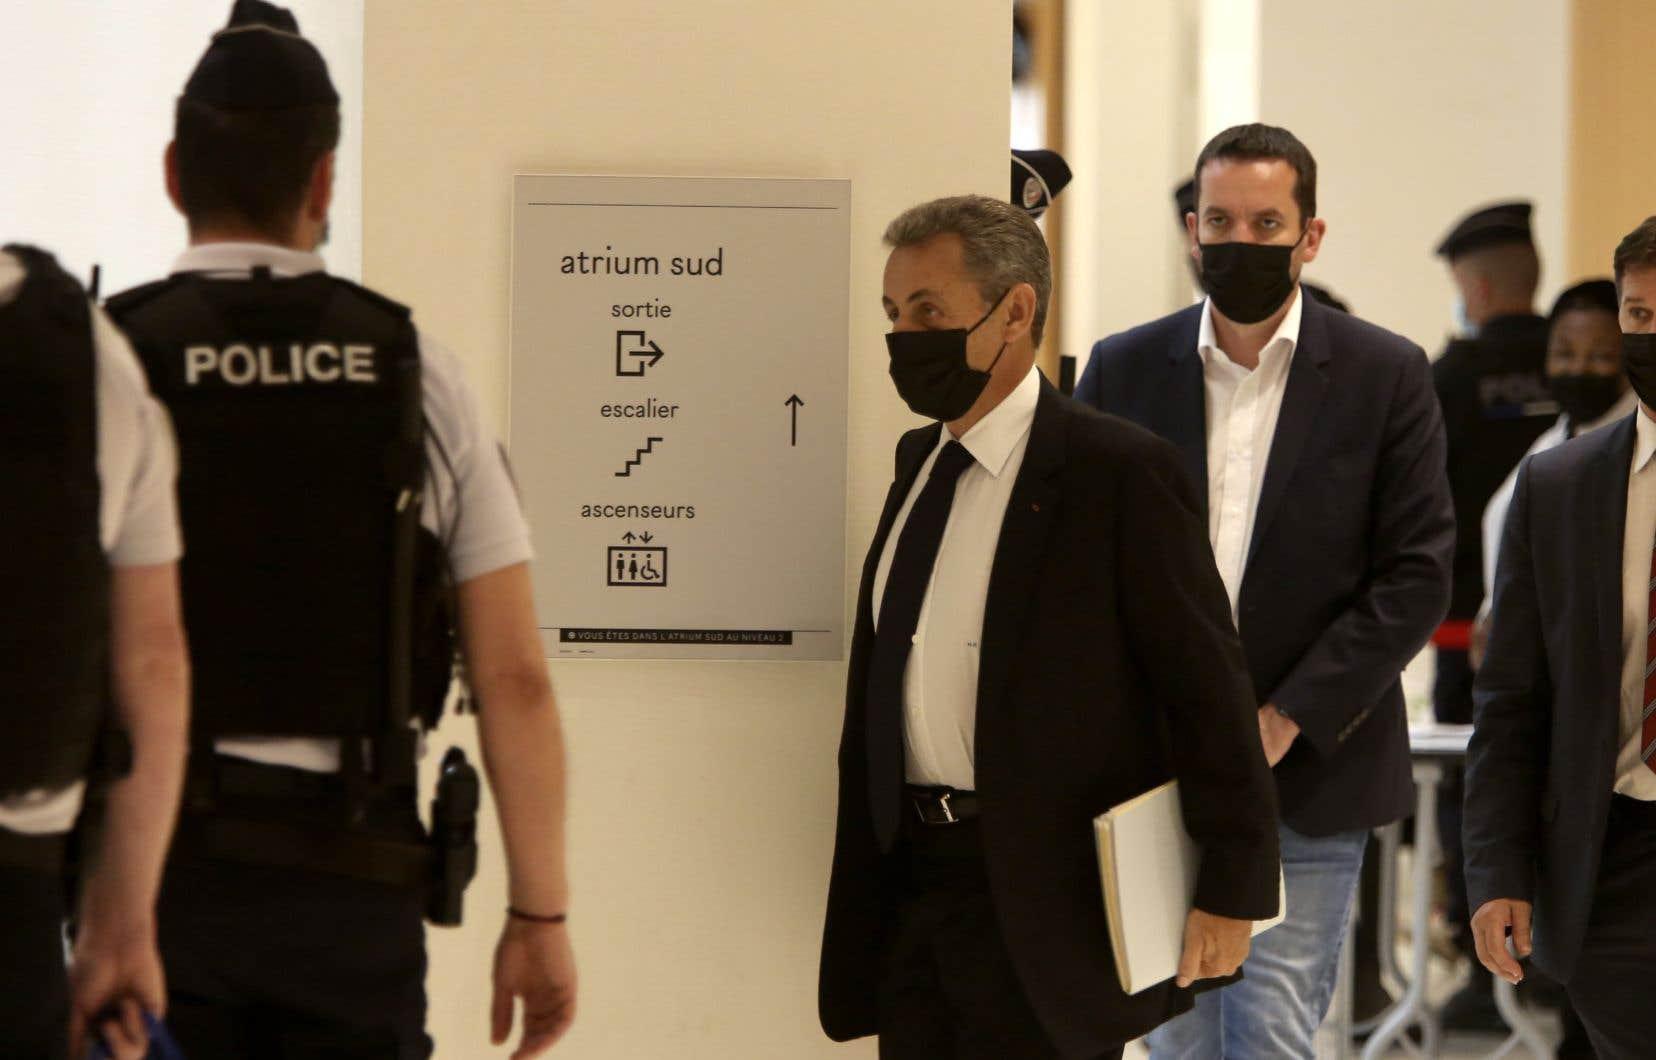 En mars, Nicolas Sarkozy était devenu le premier ex-président de la Verépublique, à être condamné à de la prison ferme (trois ans dont un ferme), pour corruption et trafic d'influence dans l'affaire dite «des écoutes».